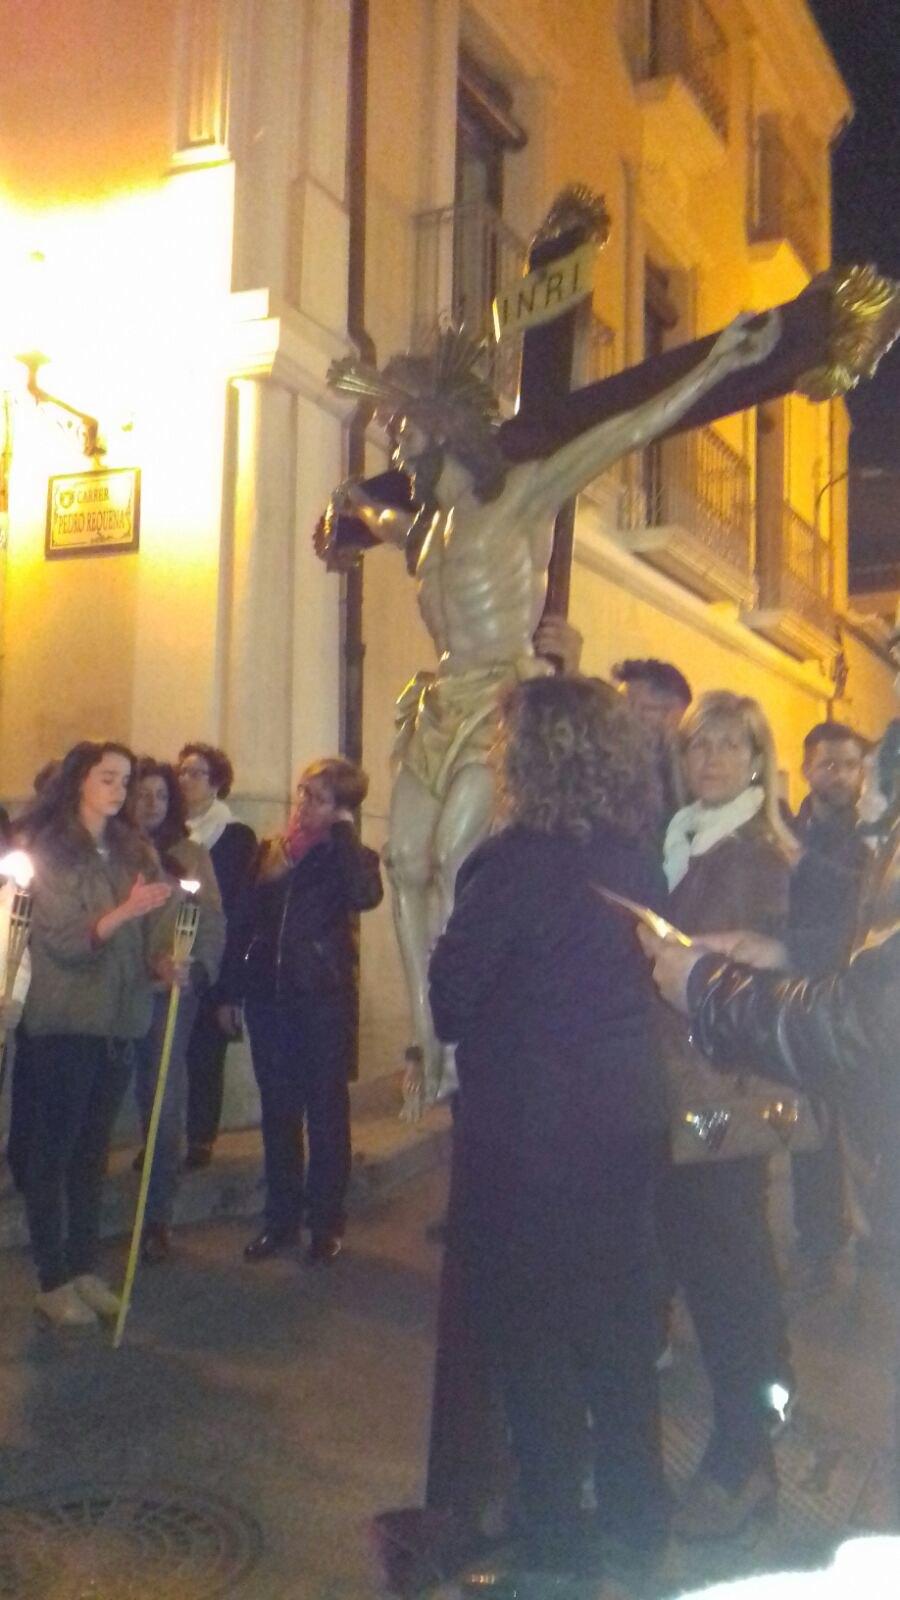 (2017-04-07) VIII Vía crucis nocturno -  Sergio Pérez (07)